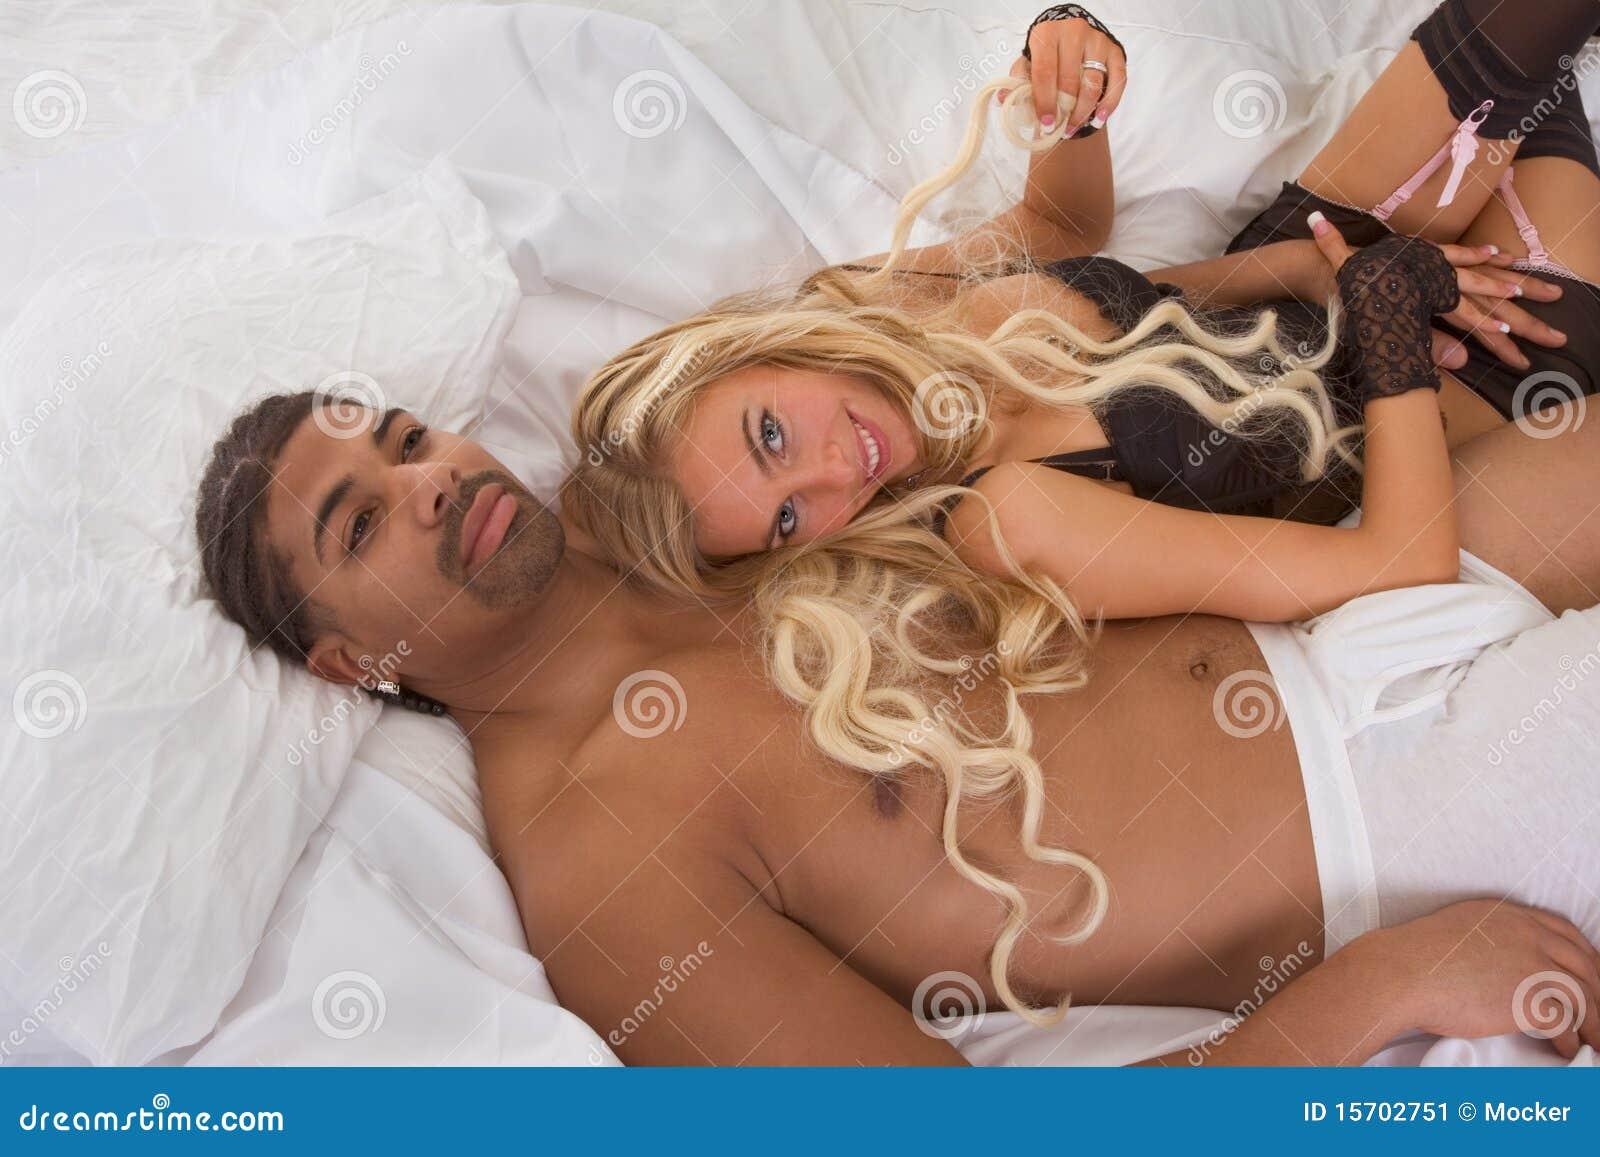 Секс игры для пары 20 фотография